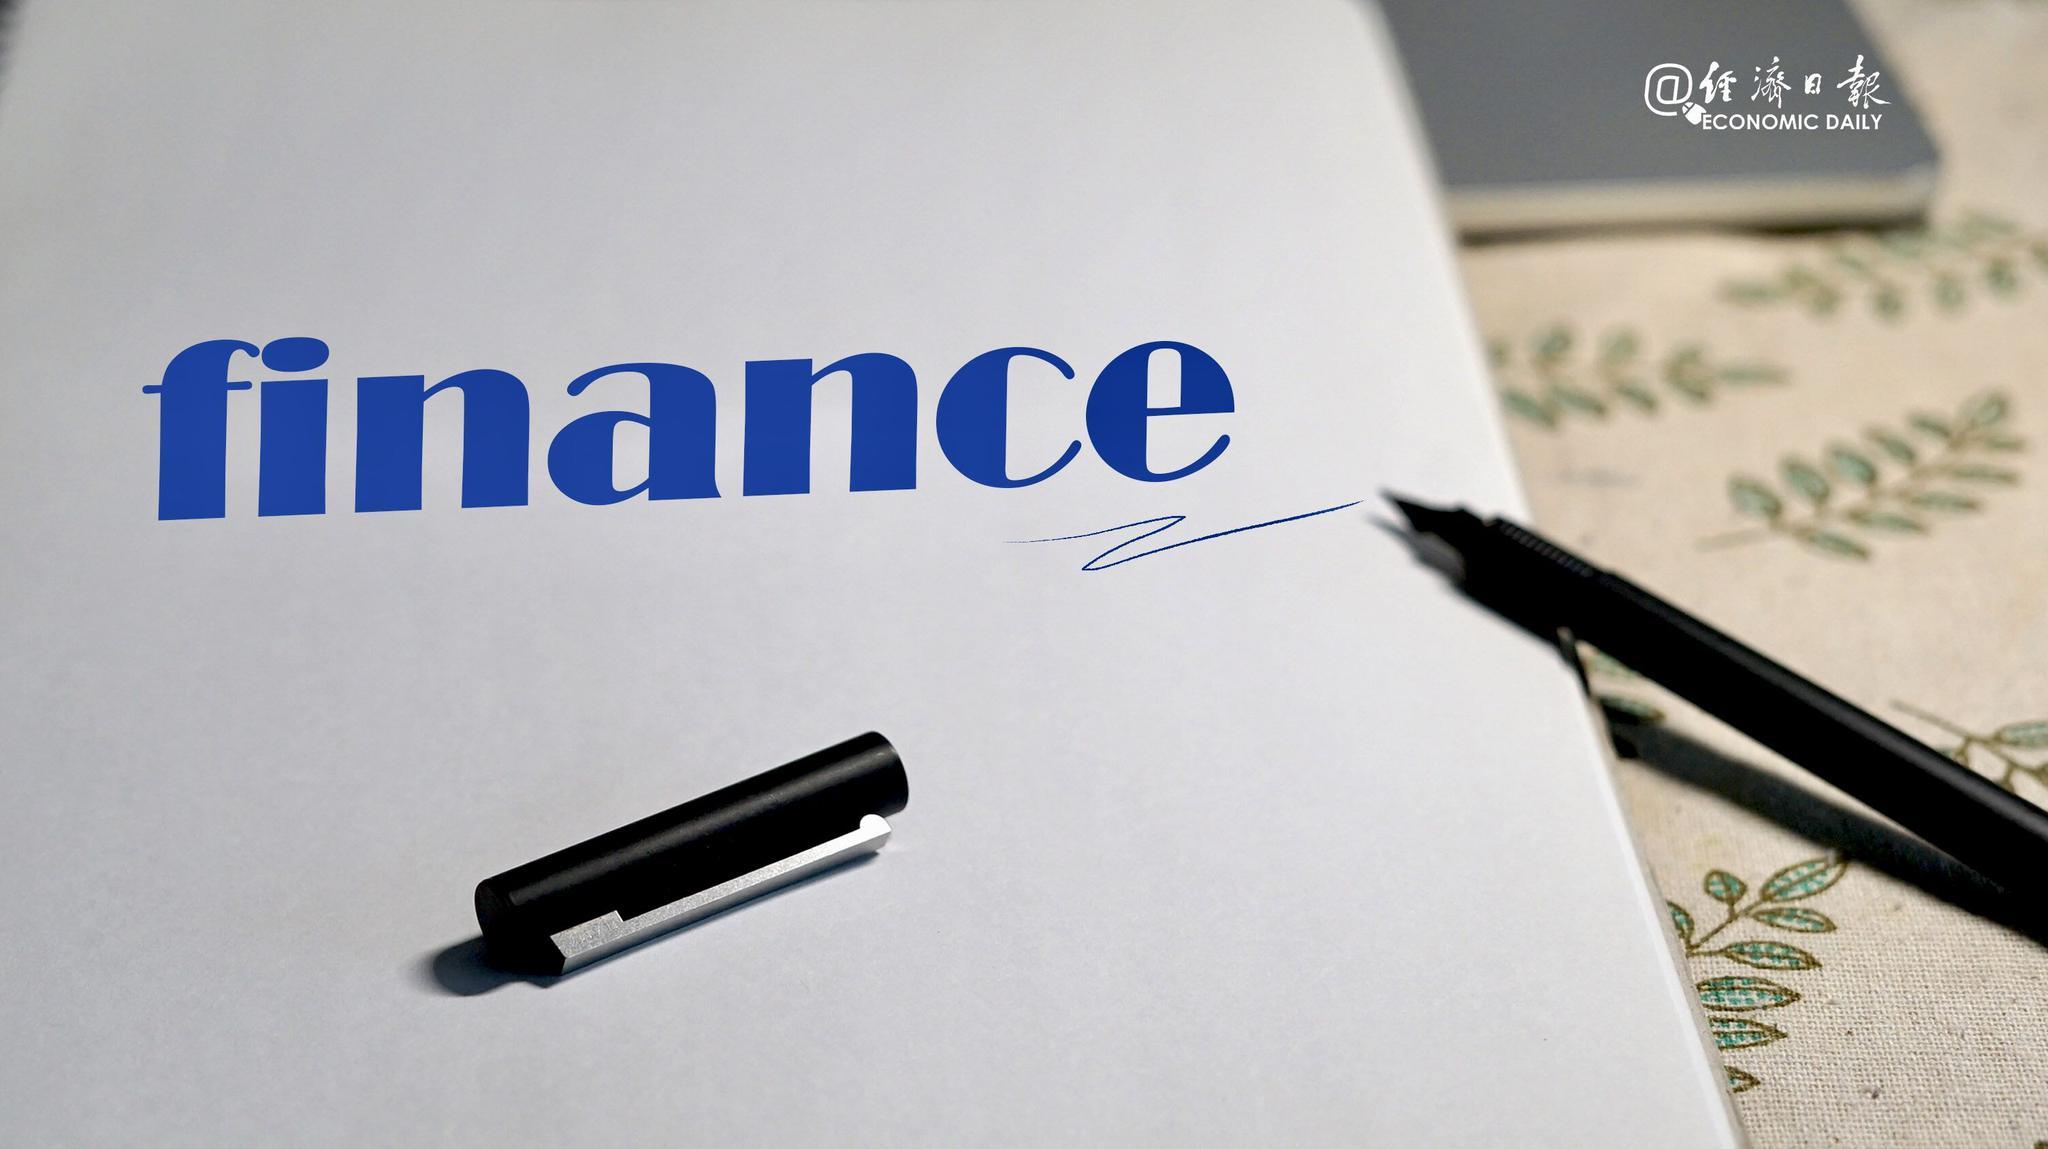 正在买理财的你,知道信托产品和银行理财有什么不同吗